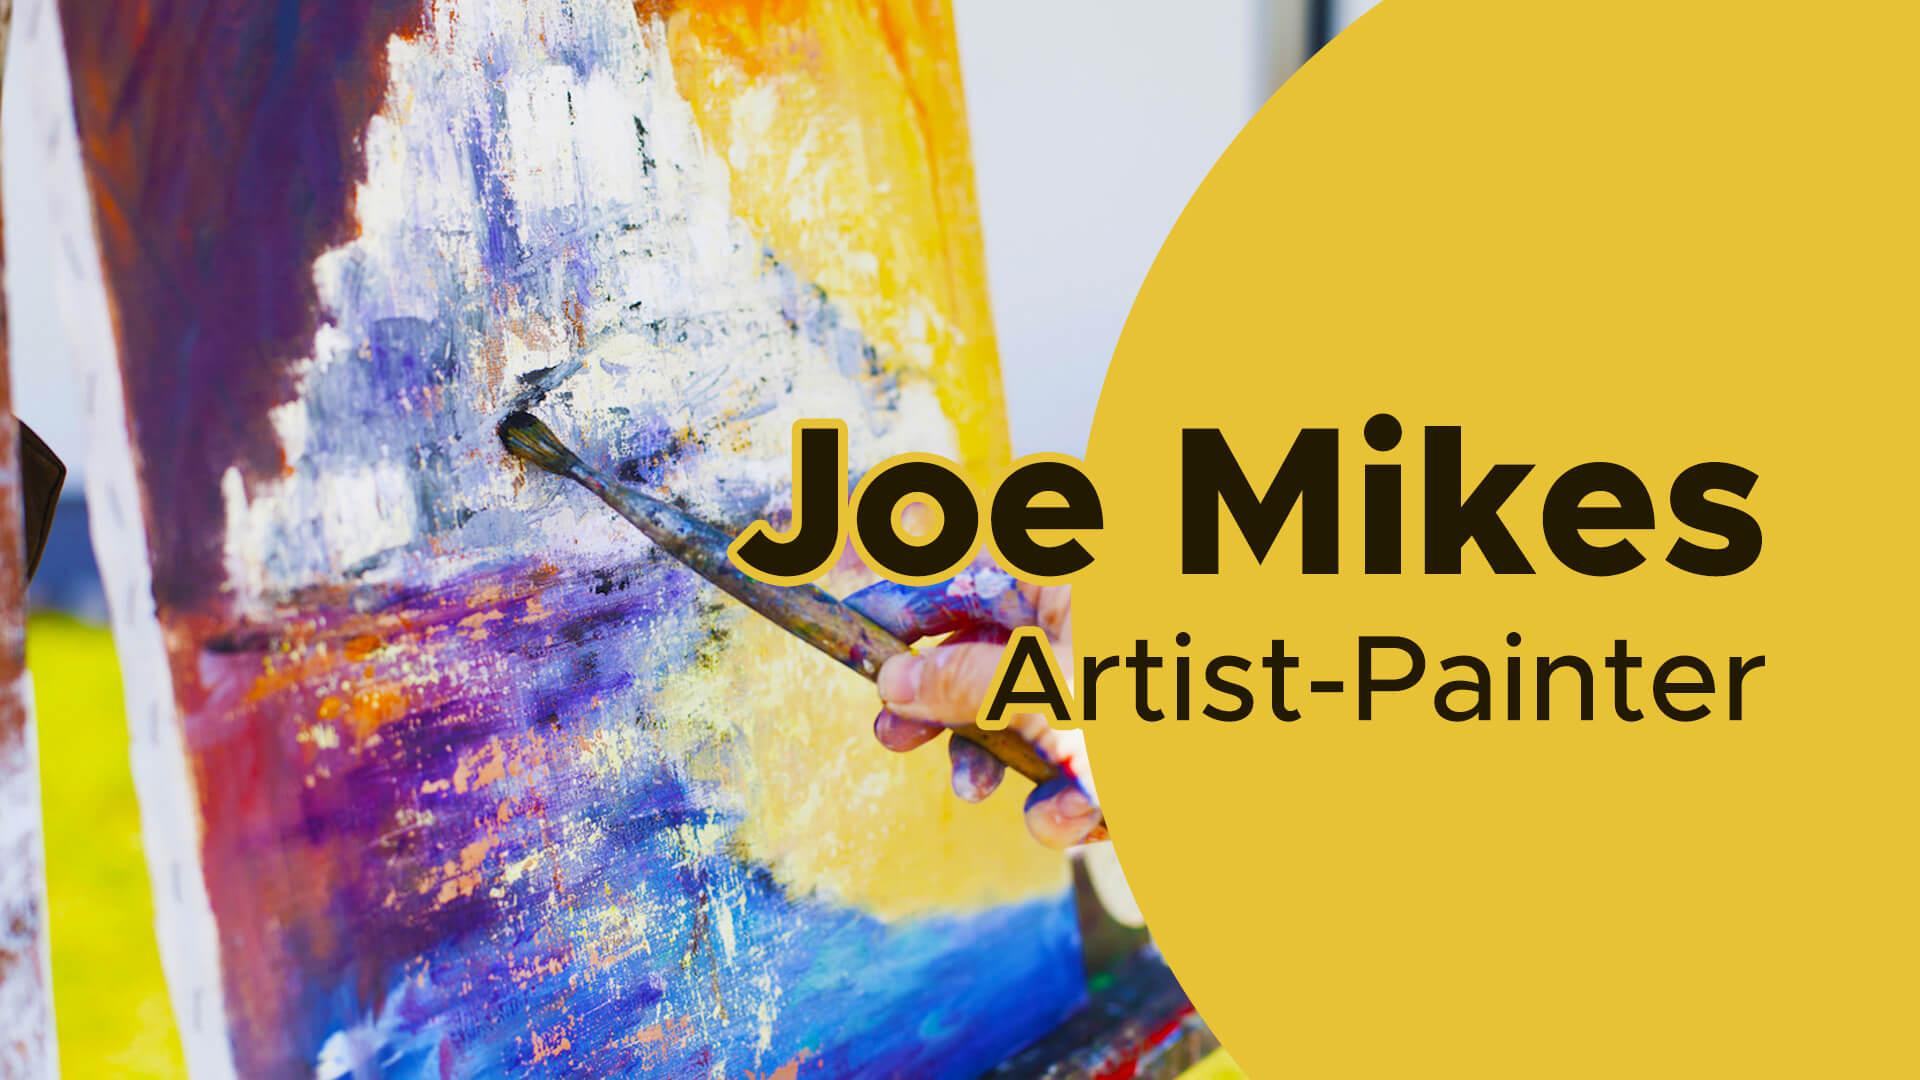 Joe Mikes